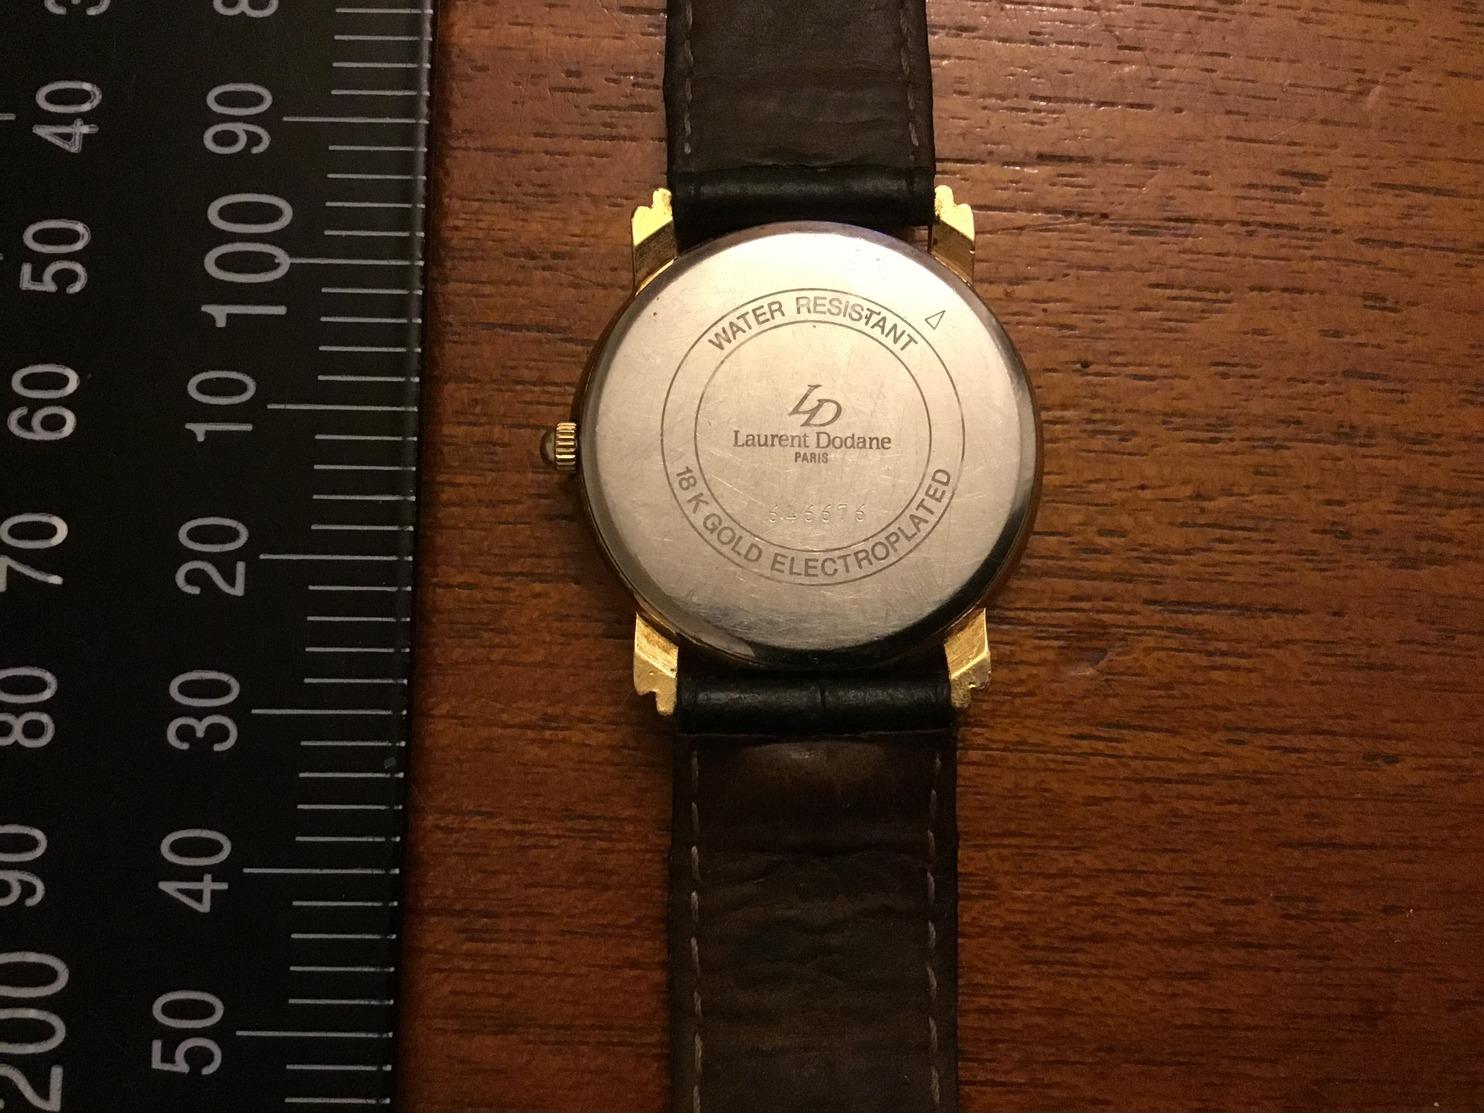 Montre Laurent Dodane Avec Lune 18k Gold Electroplates - Montres Modernes